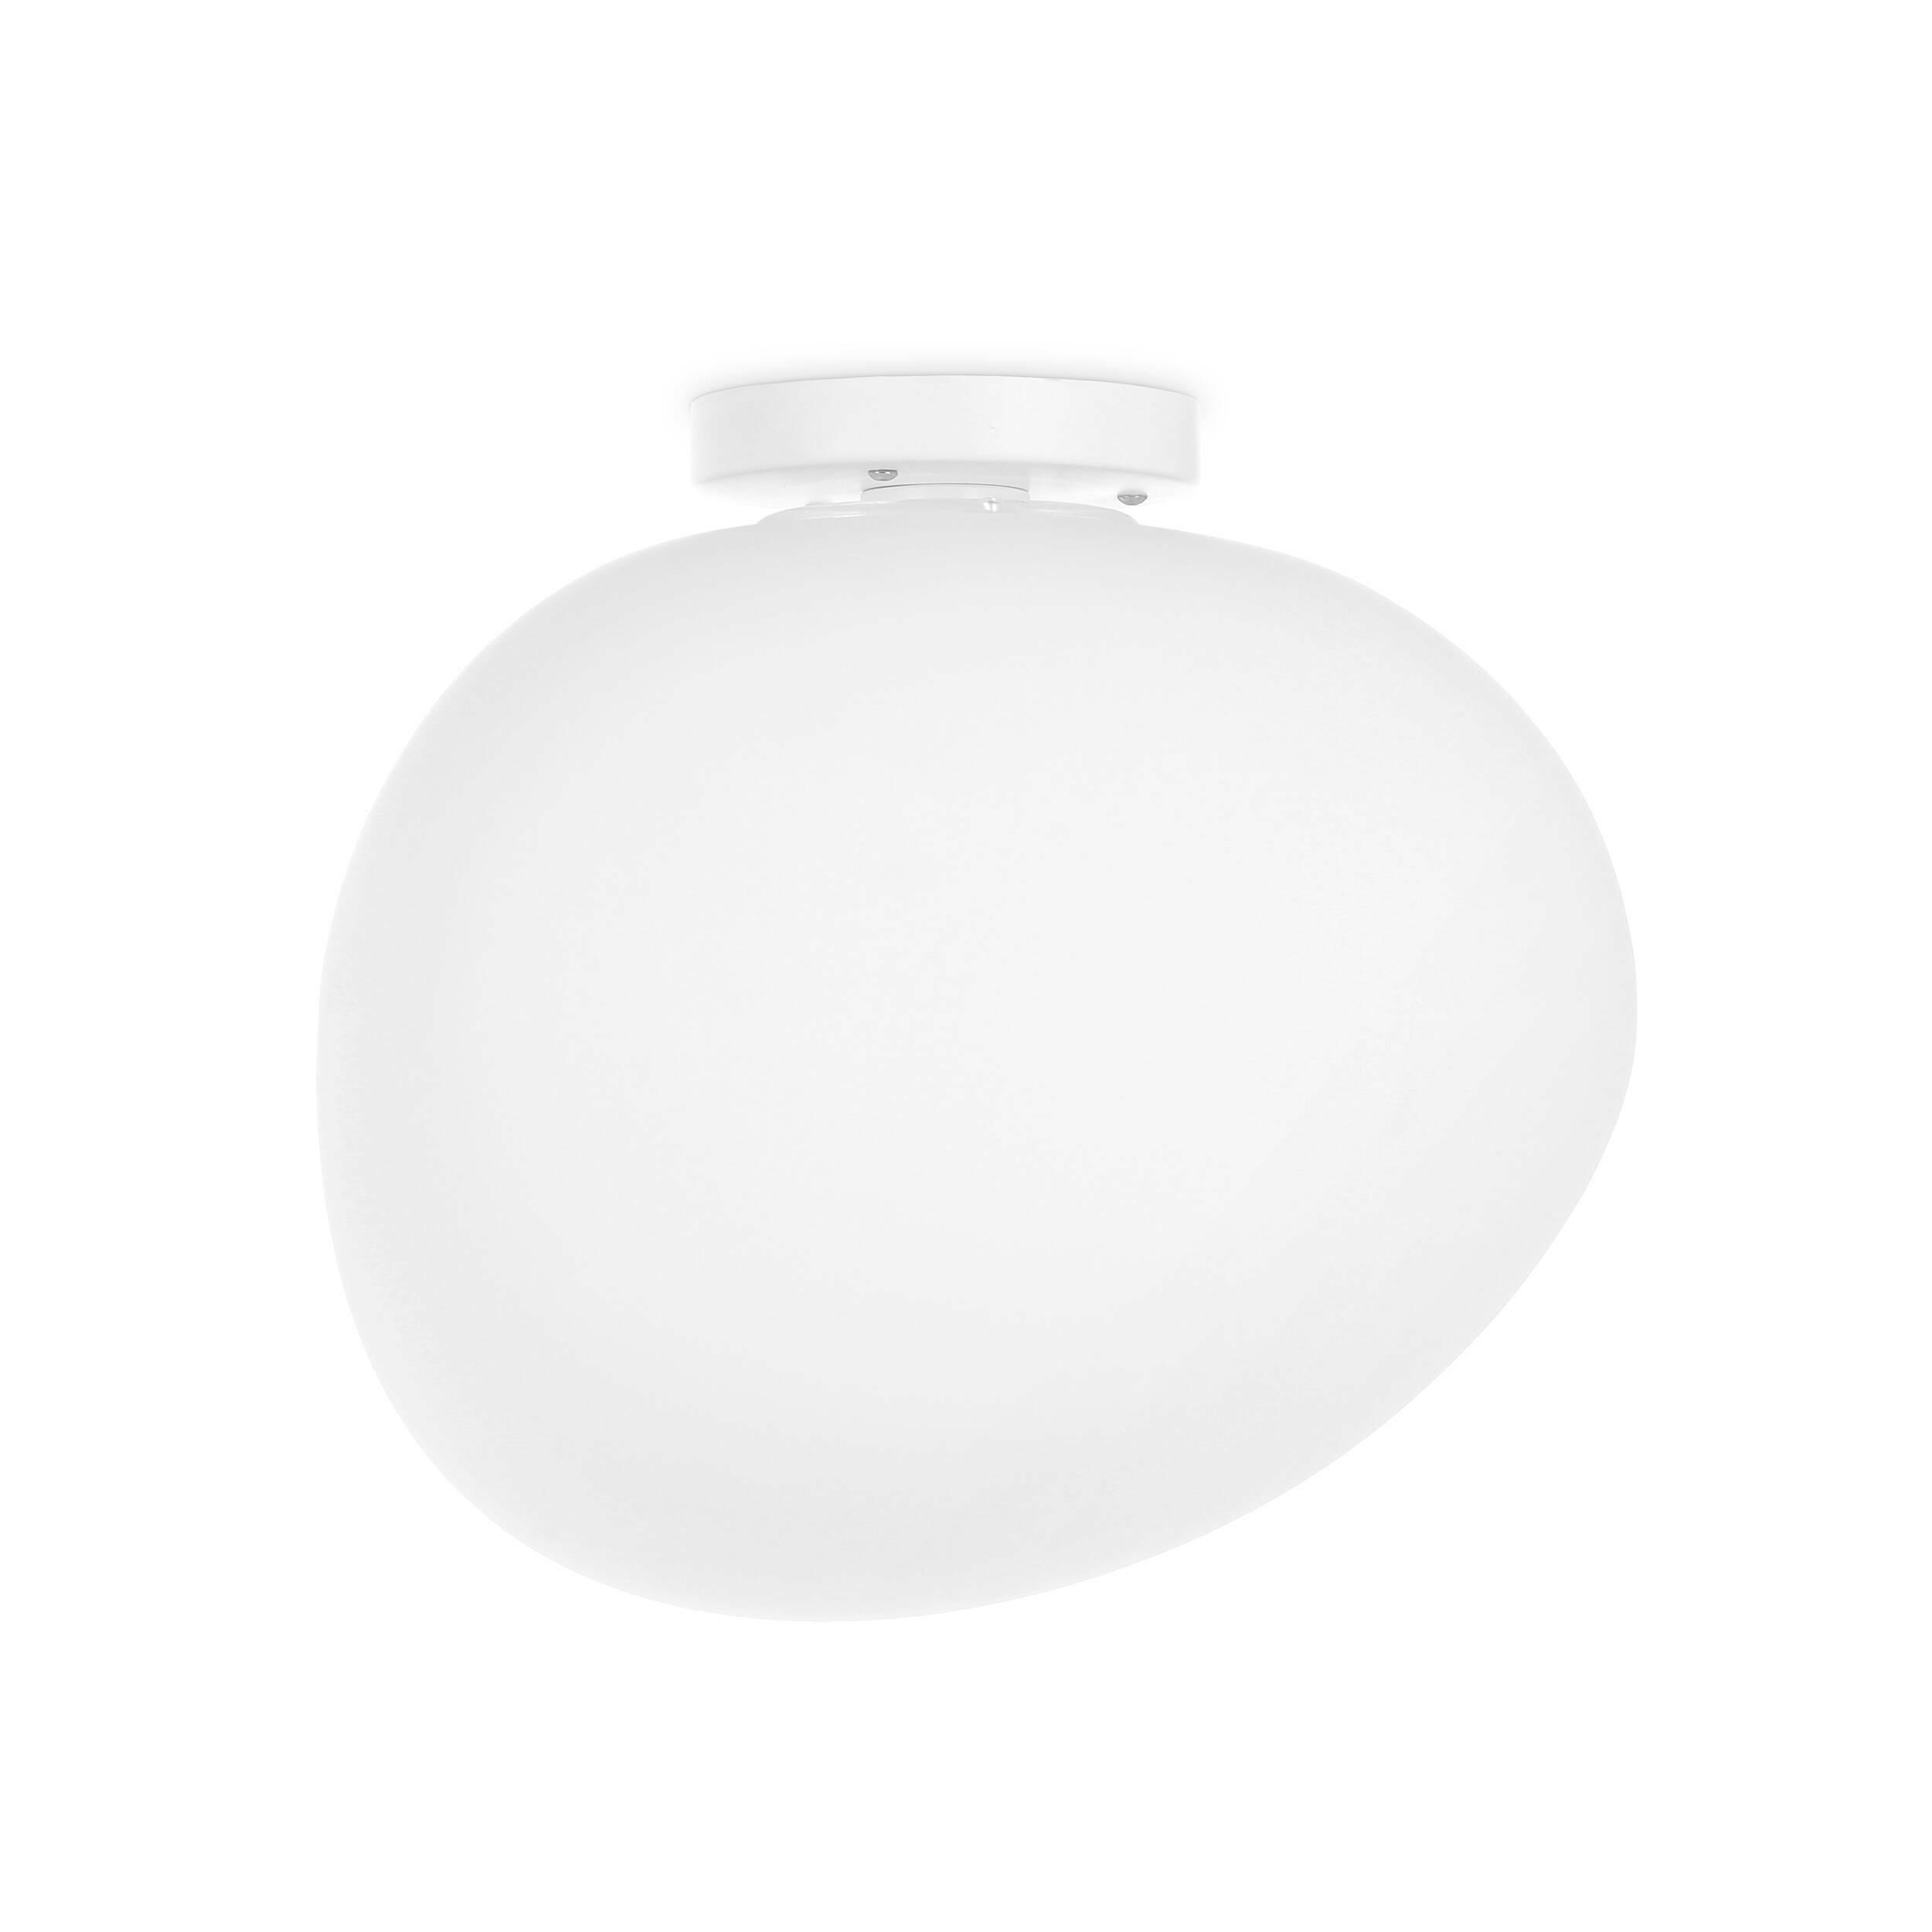 Фото Потолочный светильник Air Bubble малый